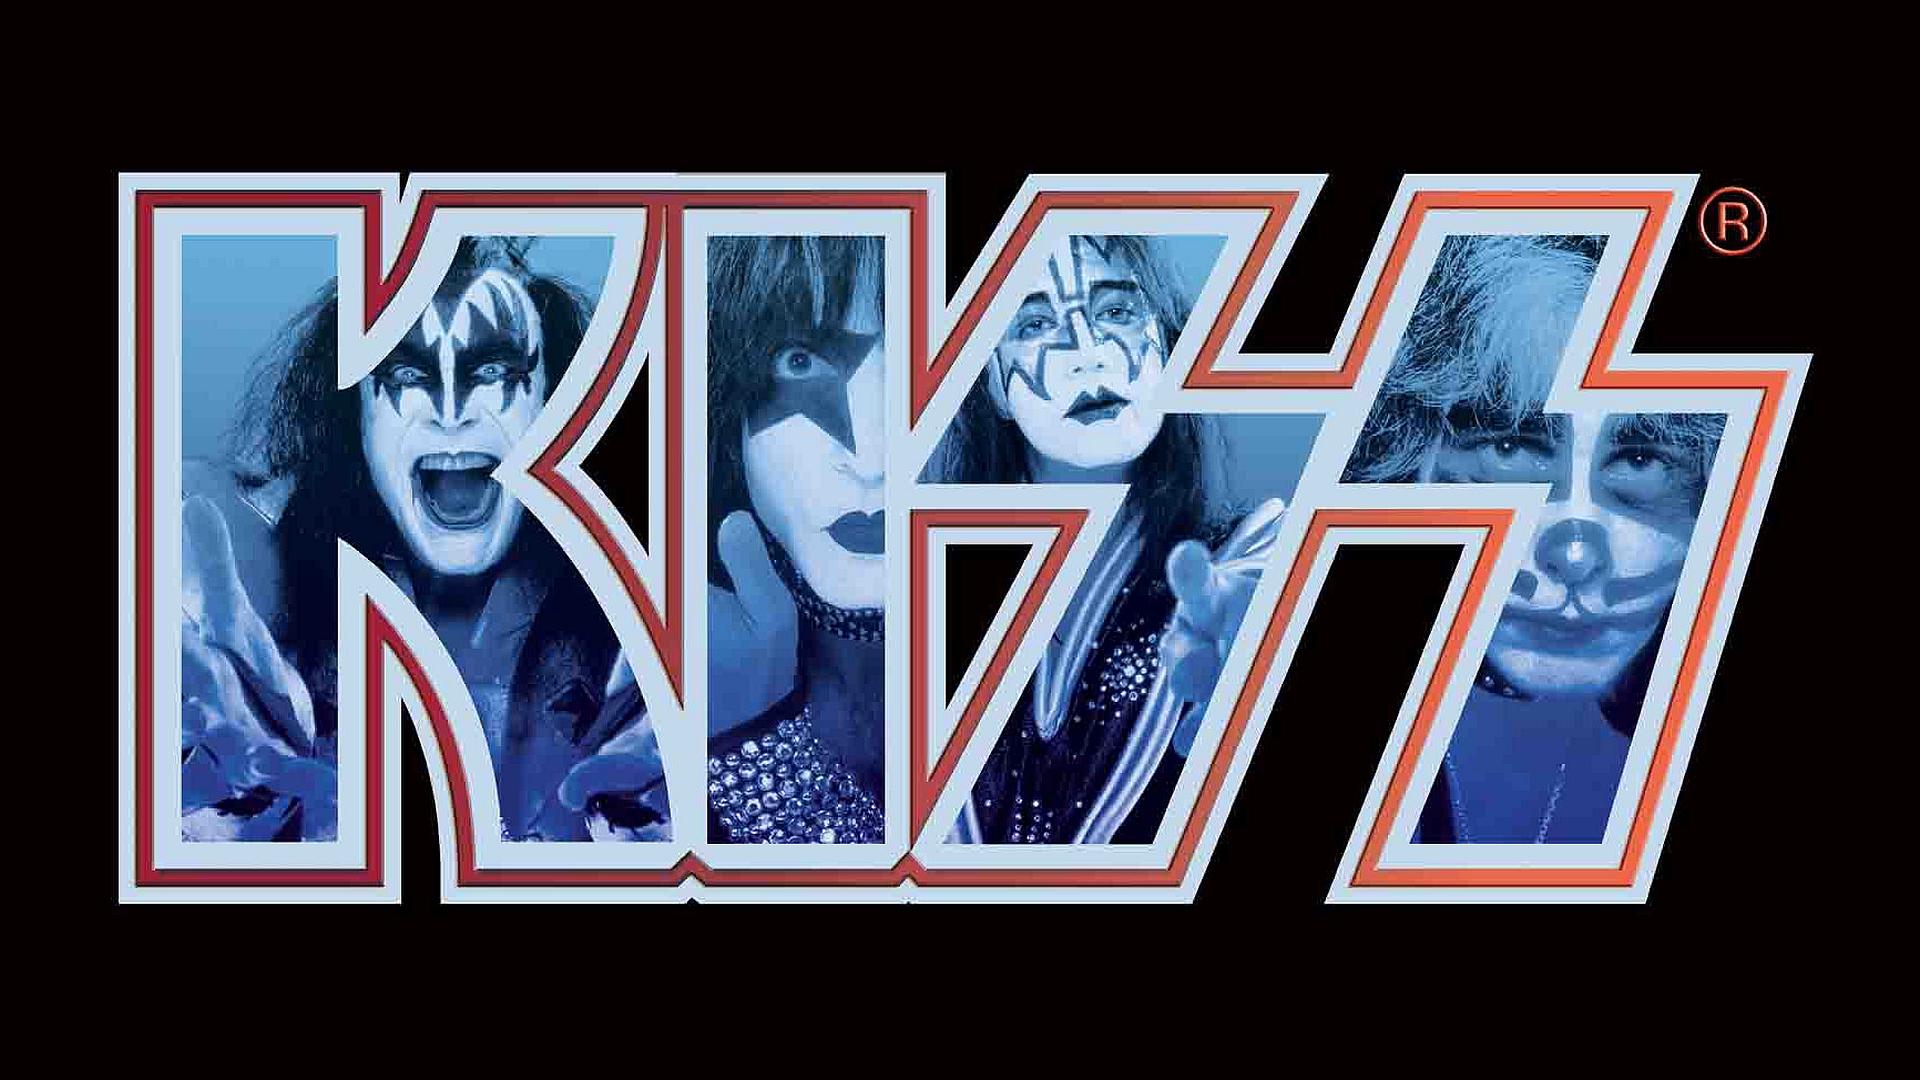 KISS HD Wallpaper